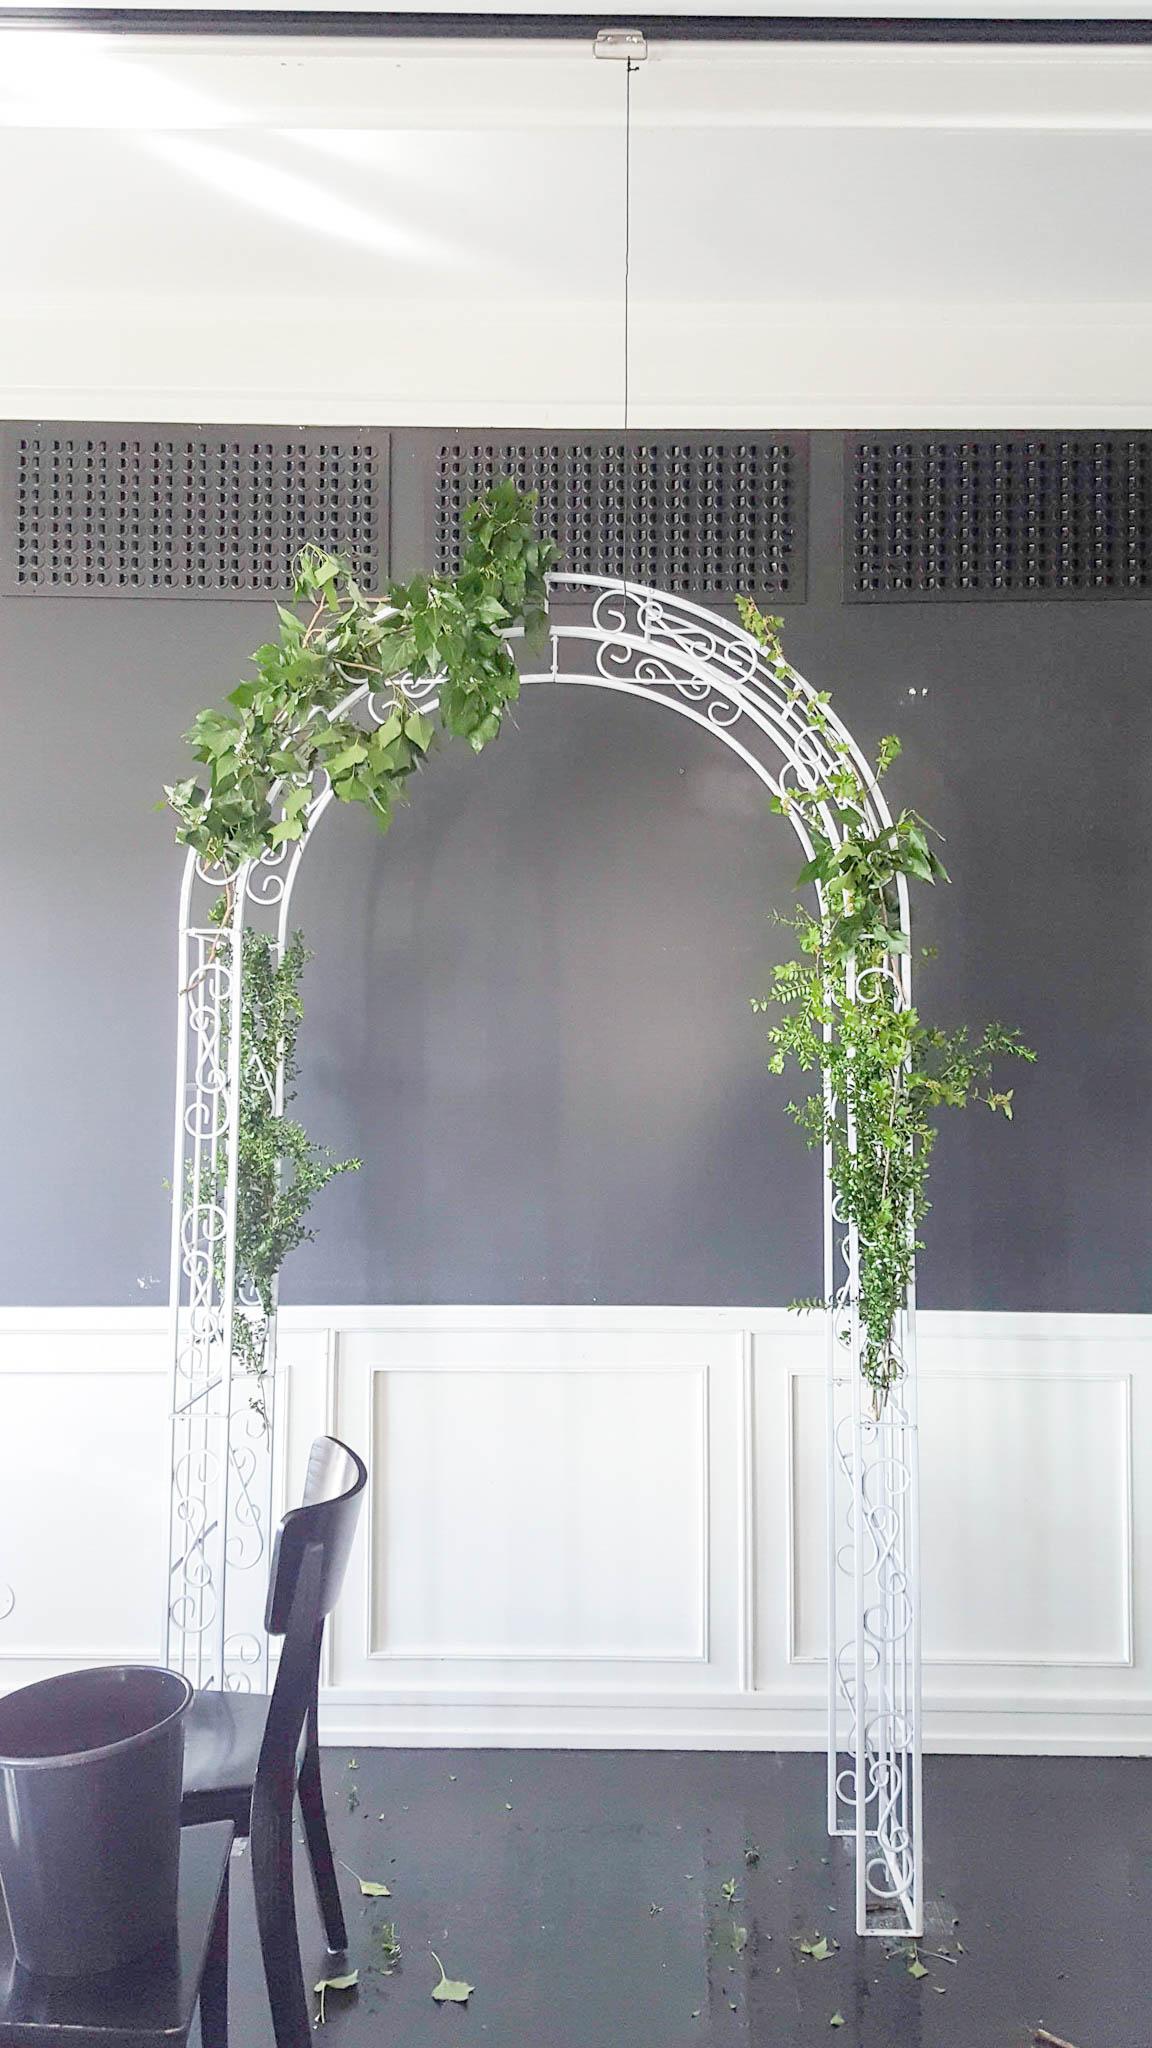 Blomsterbue2_Rosehagen-2.jpg